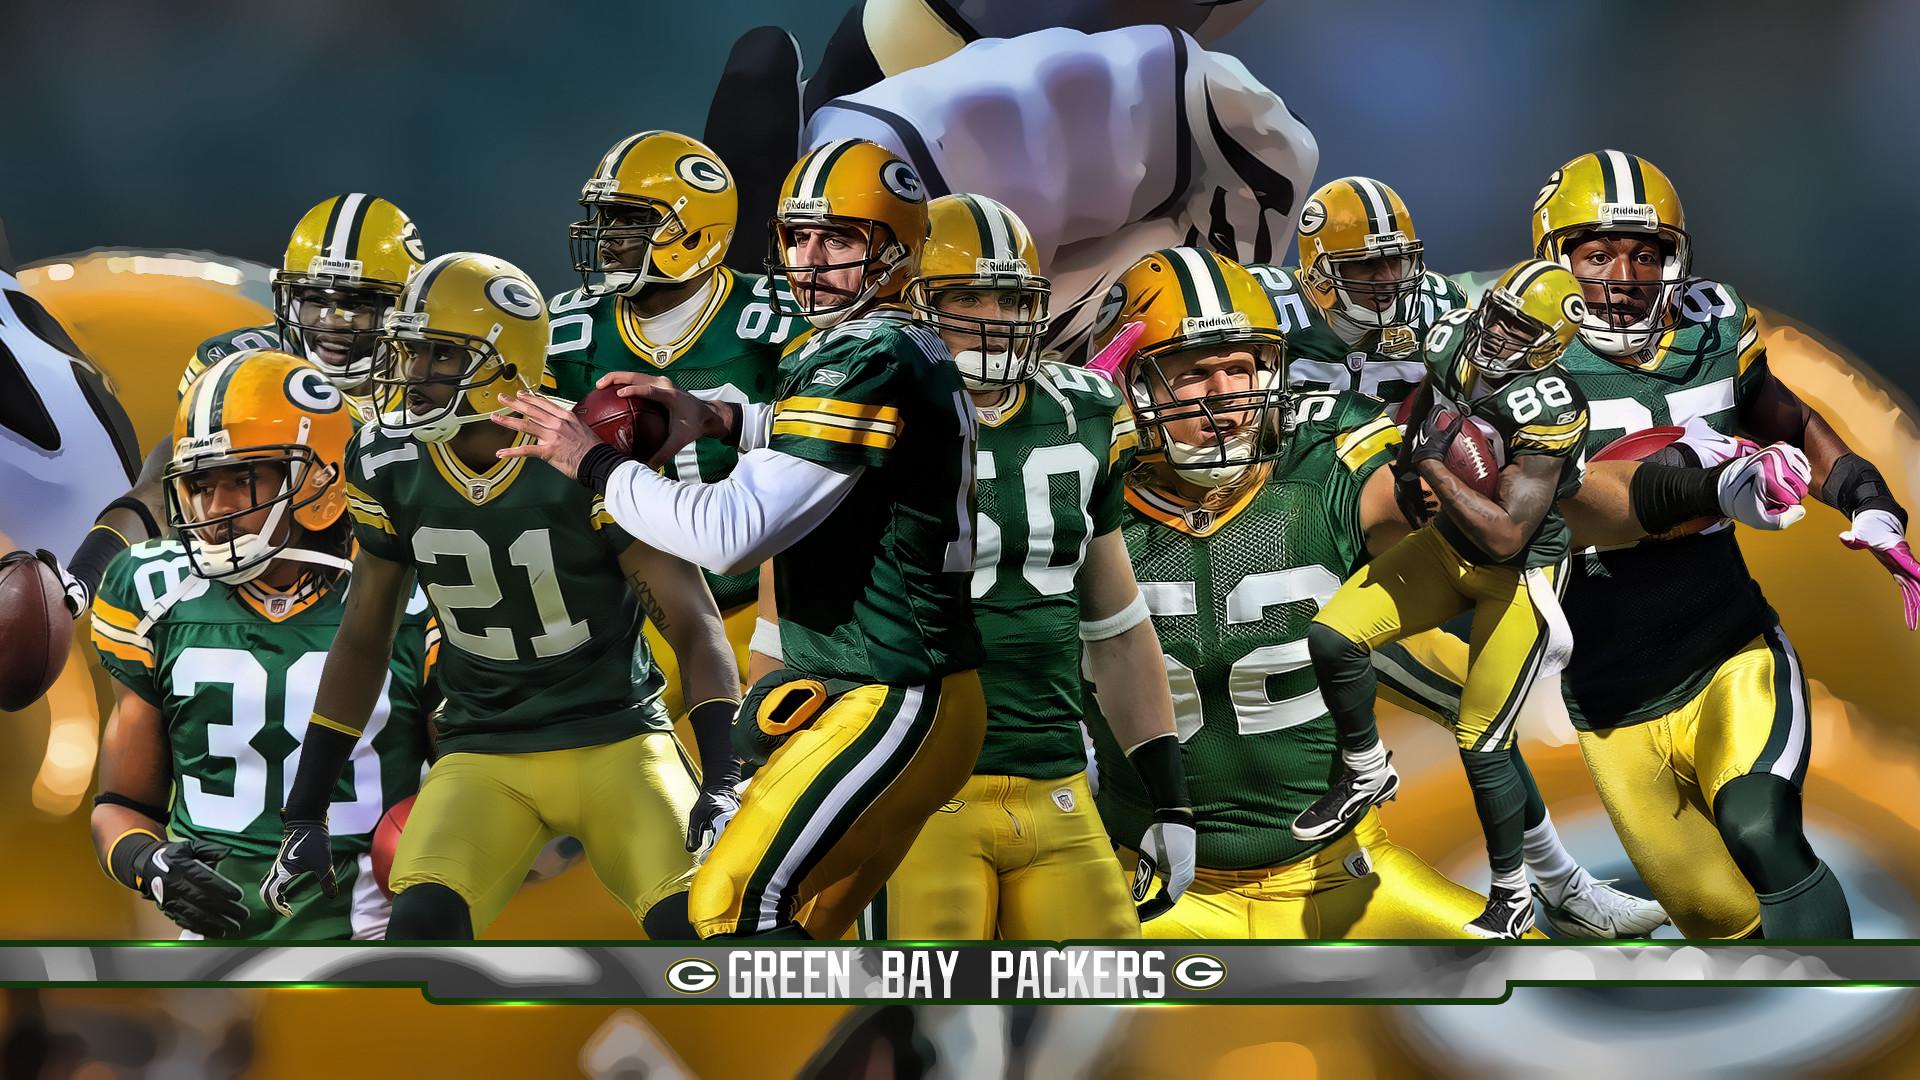 GREEN BAY PACKERS nfl football eq wallpaper     155201    WallpaperUP